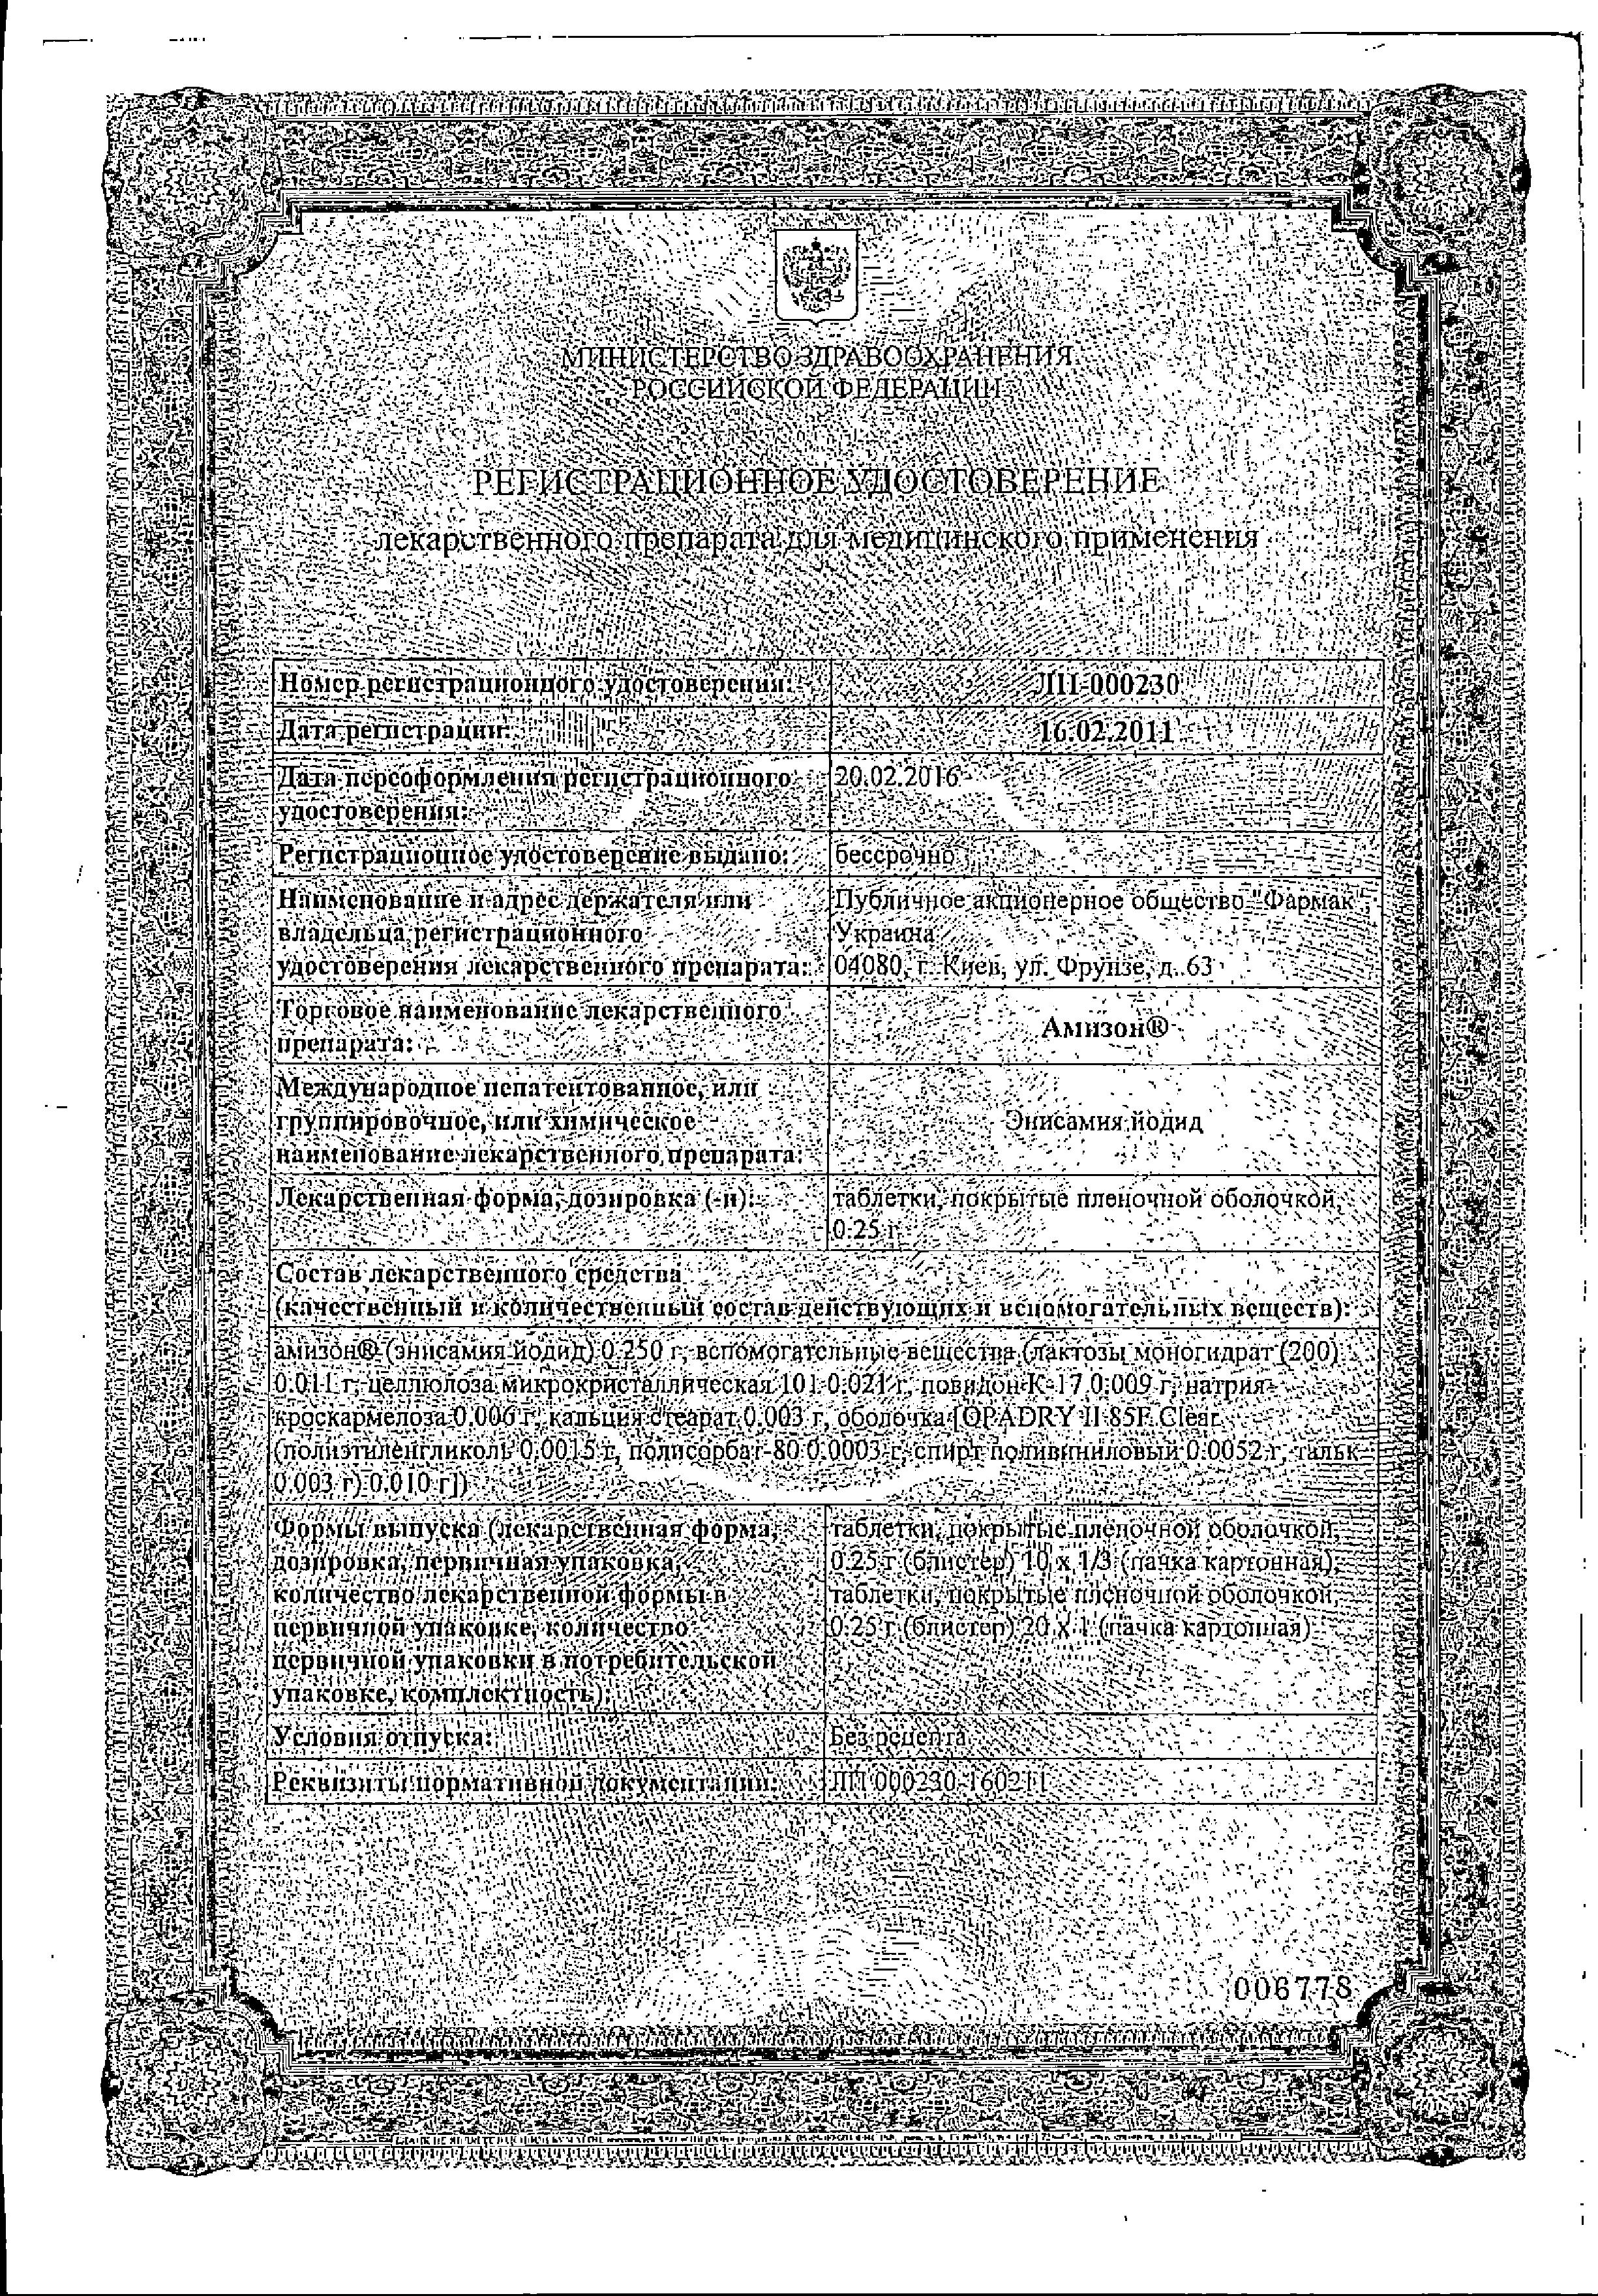 Амизон сертификат